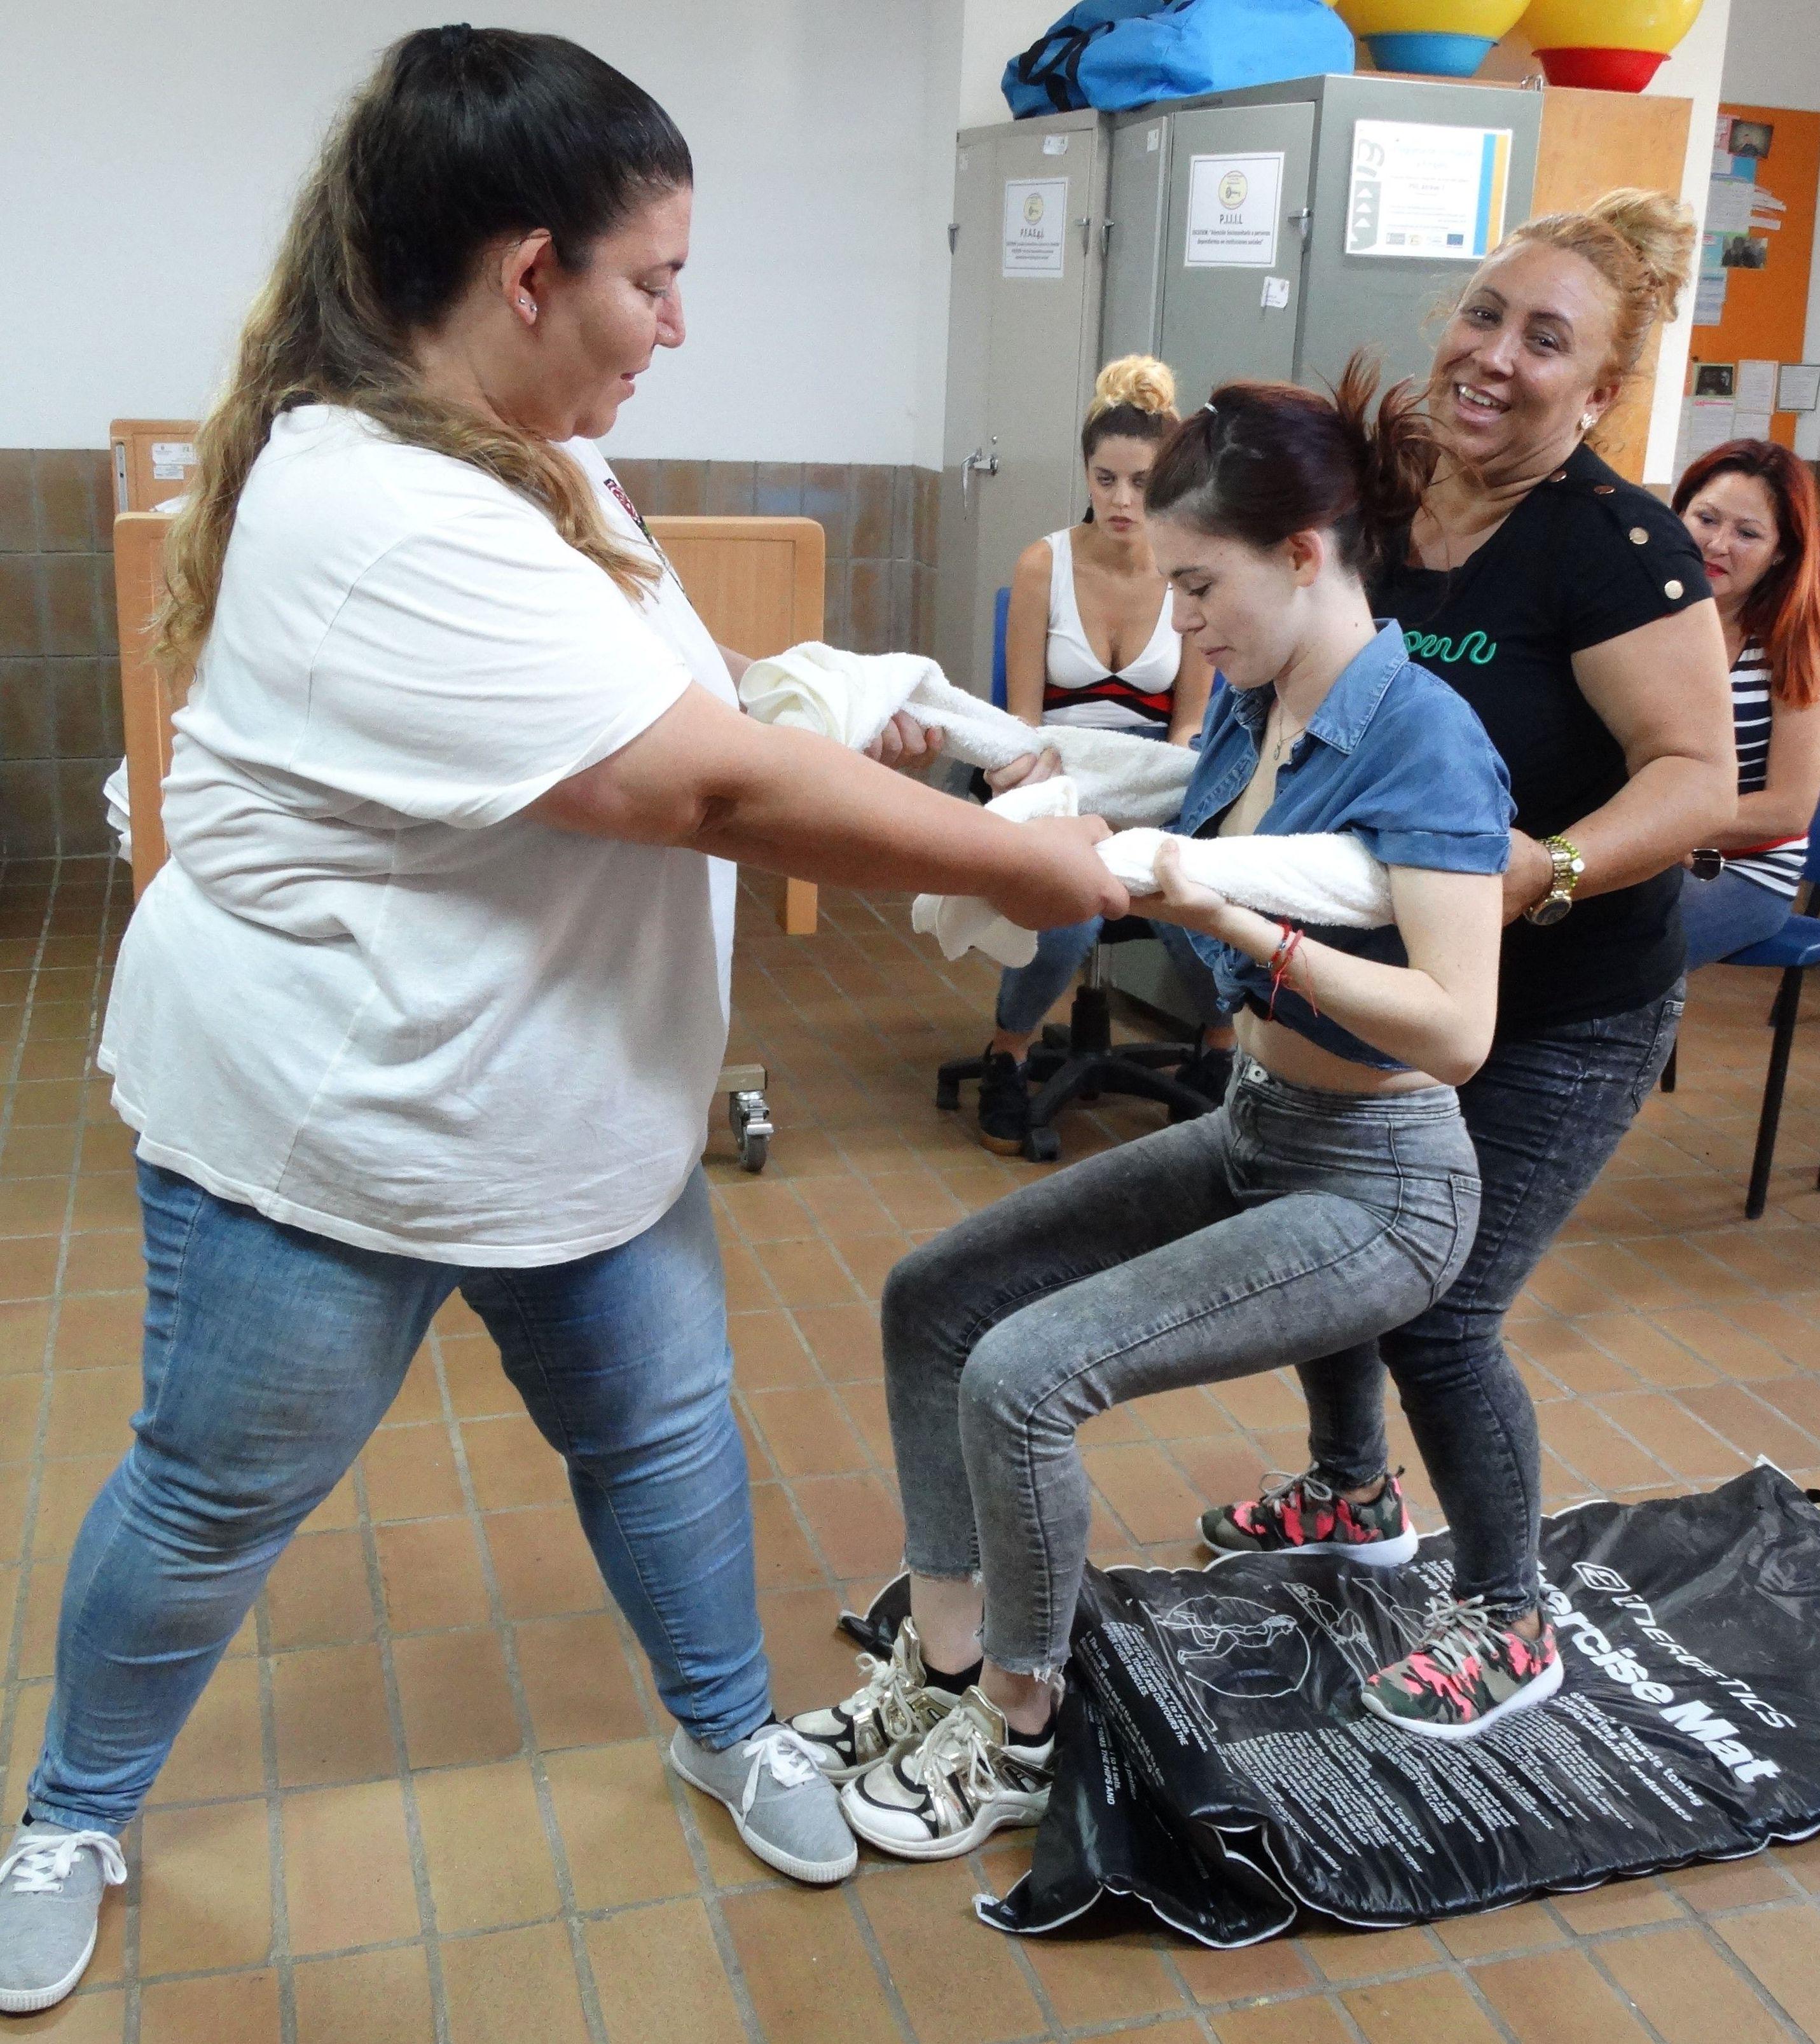 Foto 11 de Asociación sin ánimo de lucro especializada en la promoción de Igualdad de Oportunidades en Santa Cruz de Tenerife | Asociación Domitila